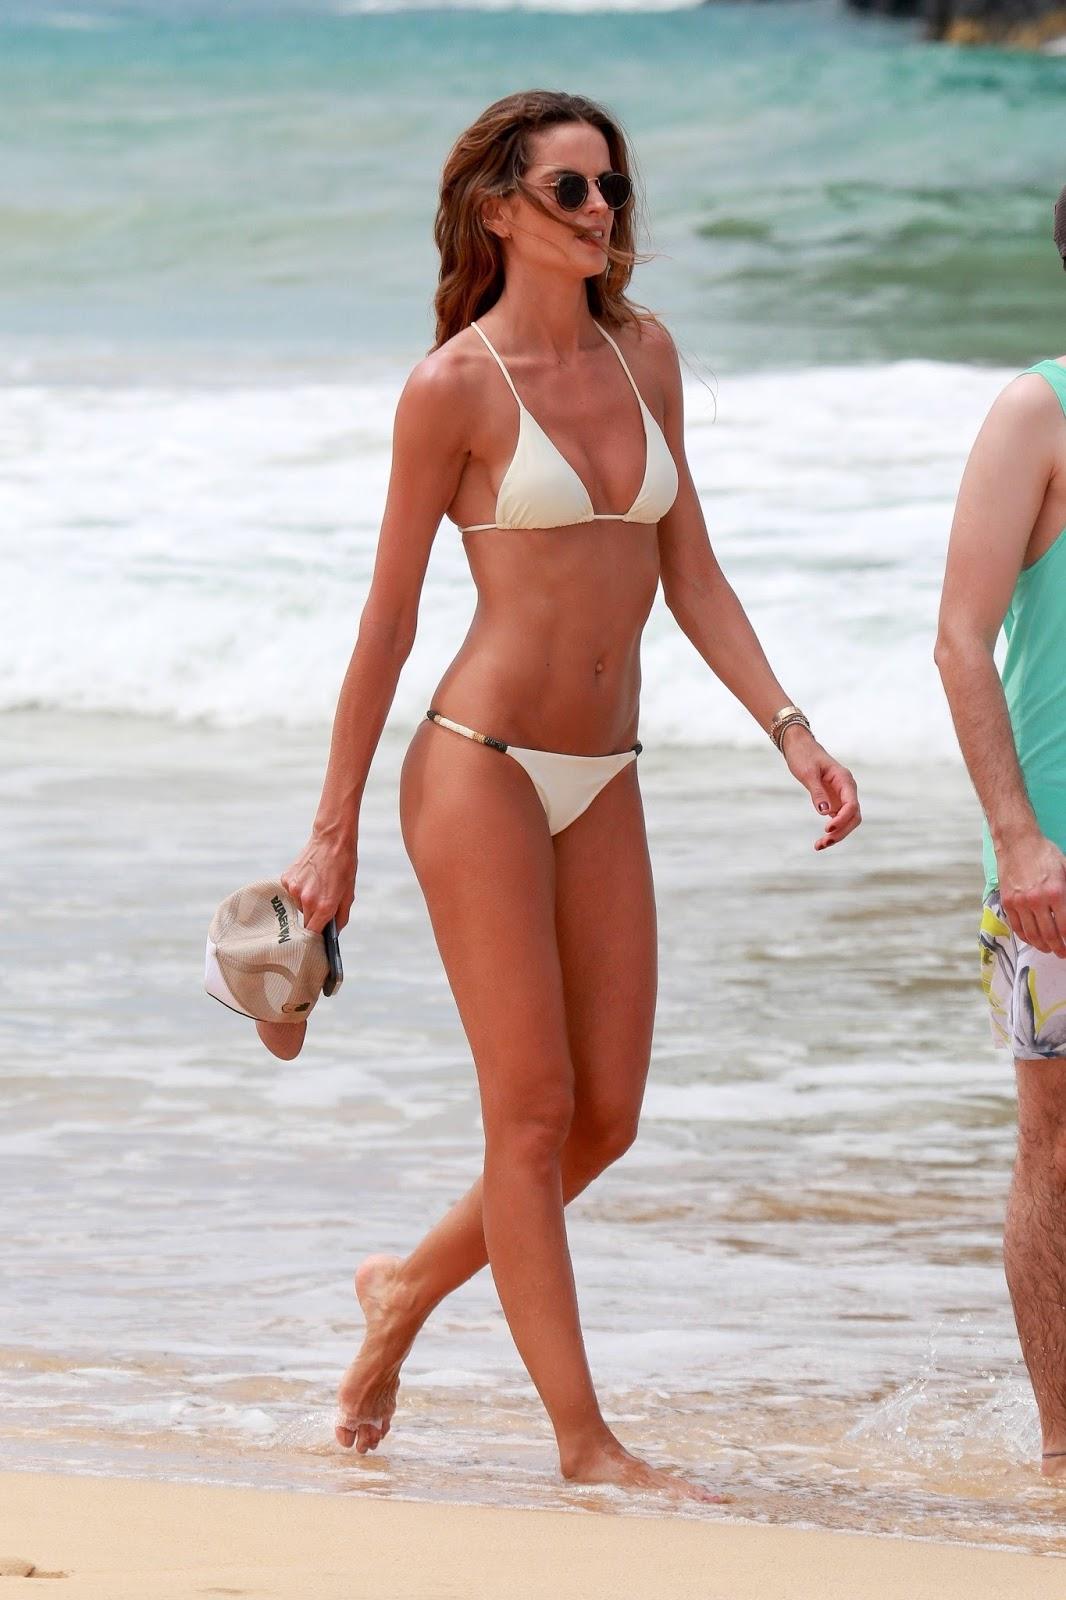 Izabel Goulart in Bikini